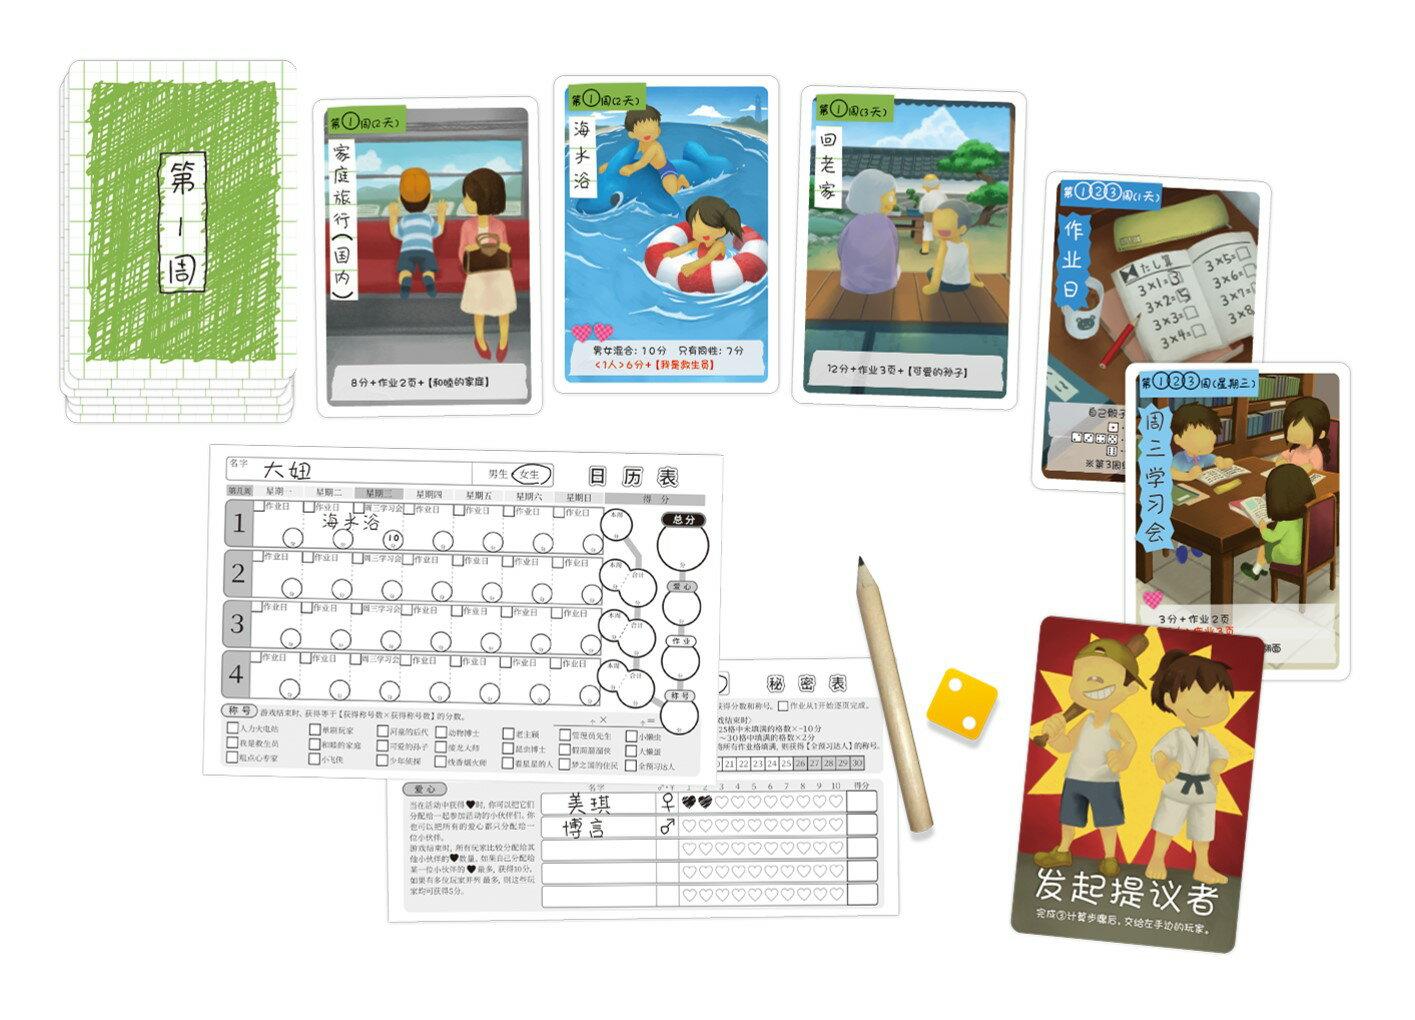 【免費送牌套】暑假日記 Natsumemo 繁中精裝版 方舟風雲會 正版桌遊 含稅附發票 實體店面